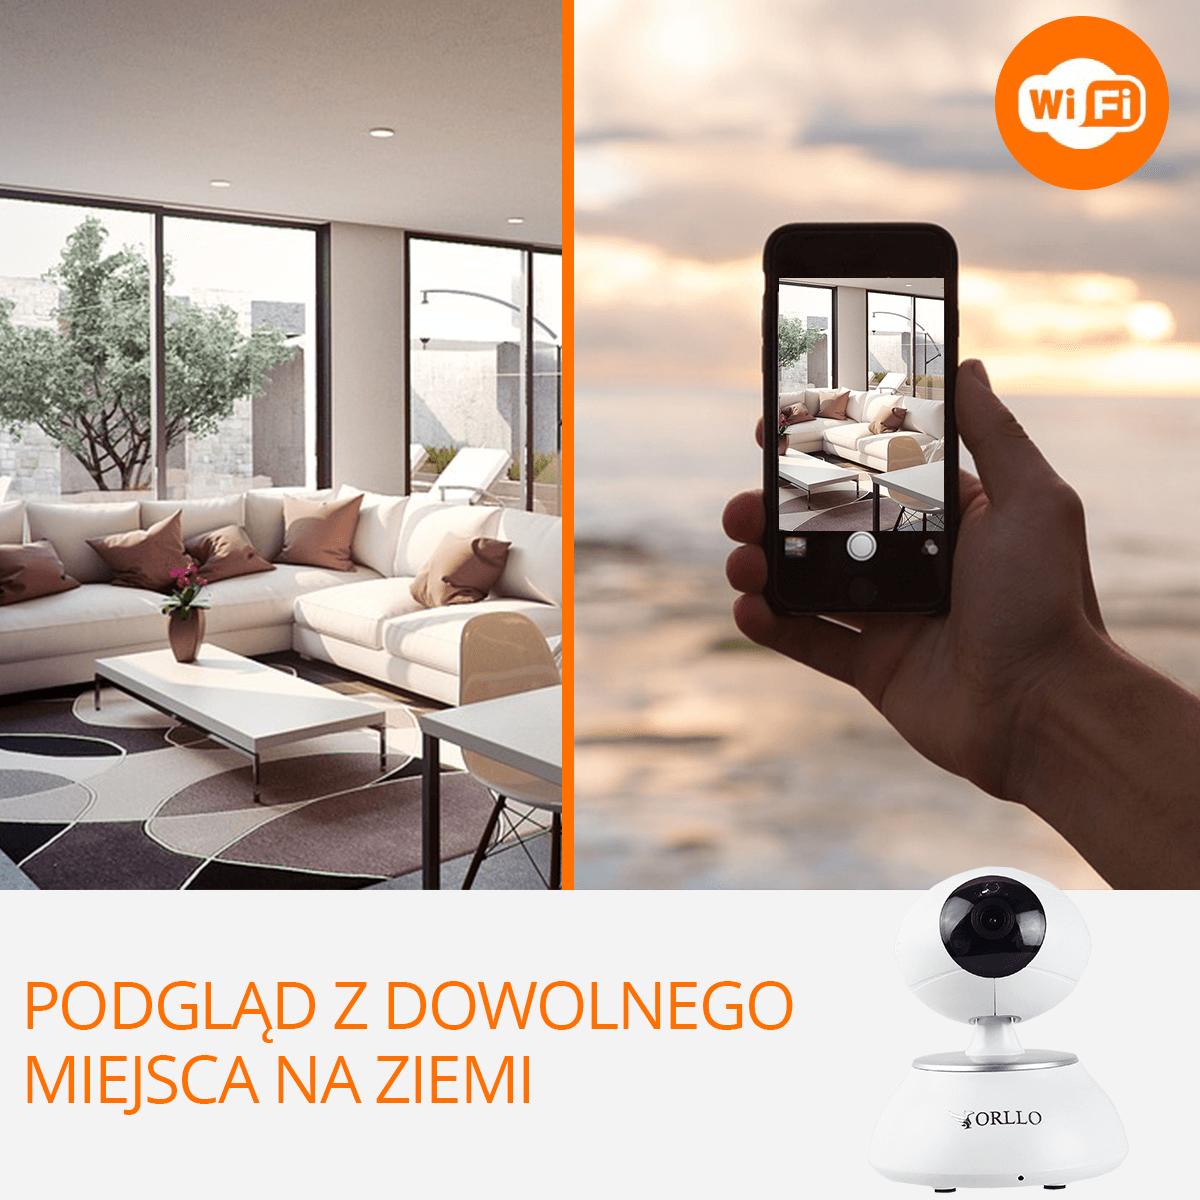 Centrala alarmowa kamera ip wifi zdalne sterowanie orllo.pl